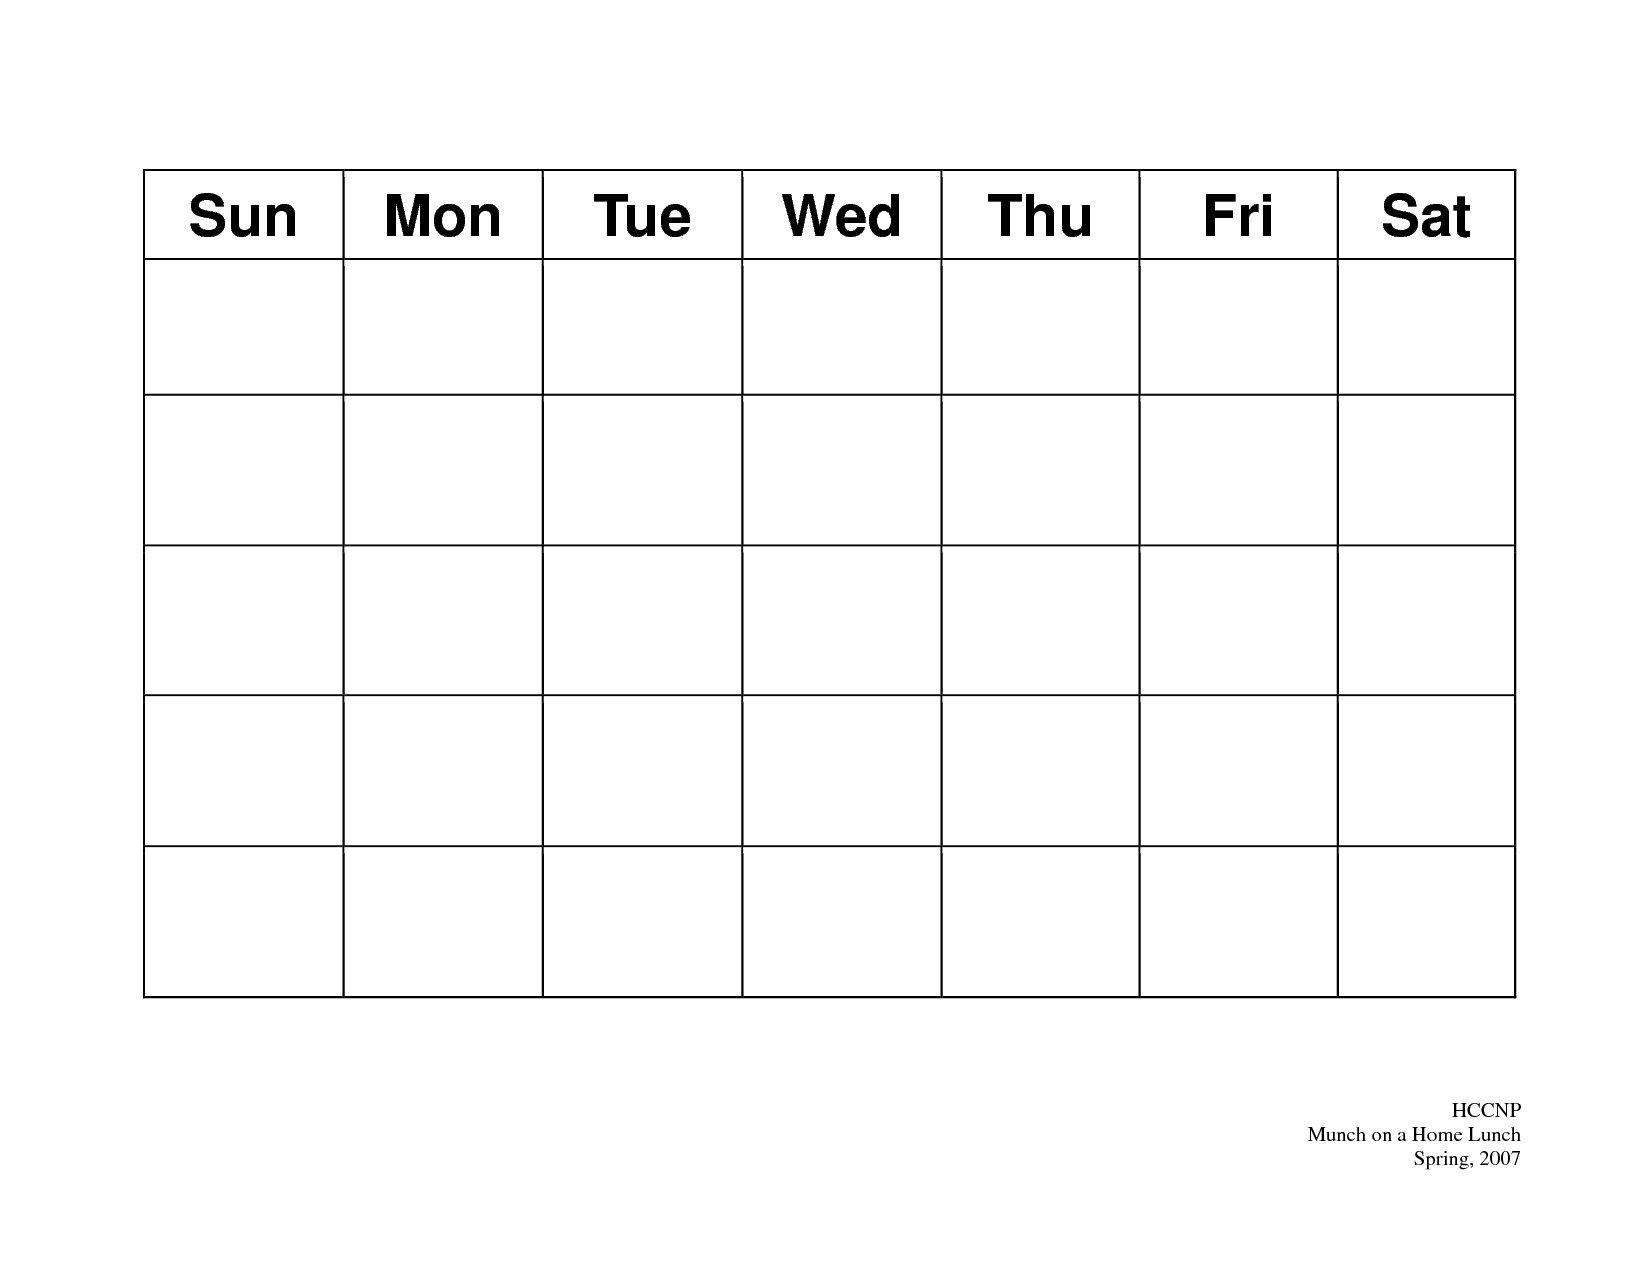 31 Day Blank Calendar Template In 2020 | Blank Calendar